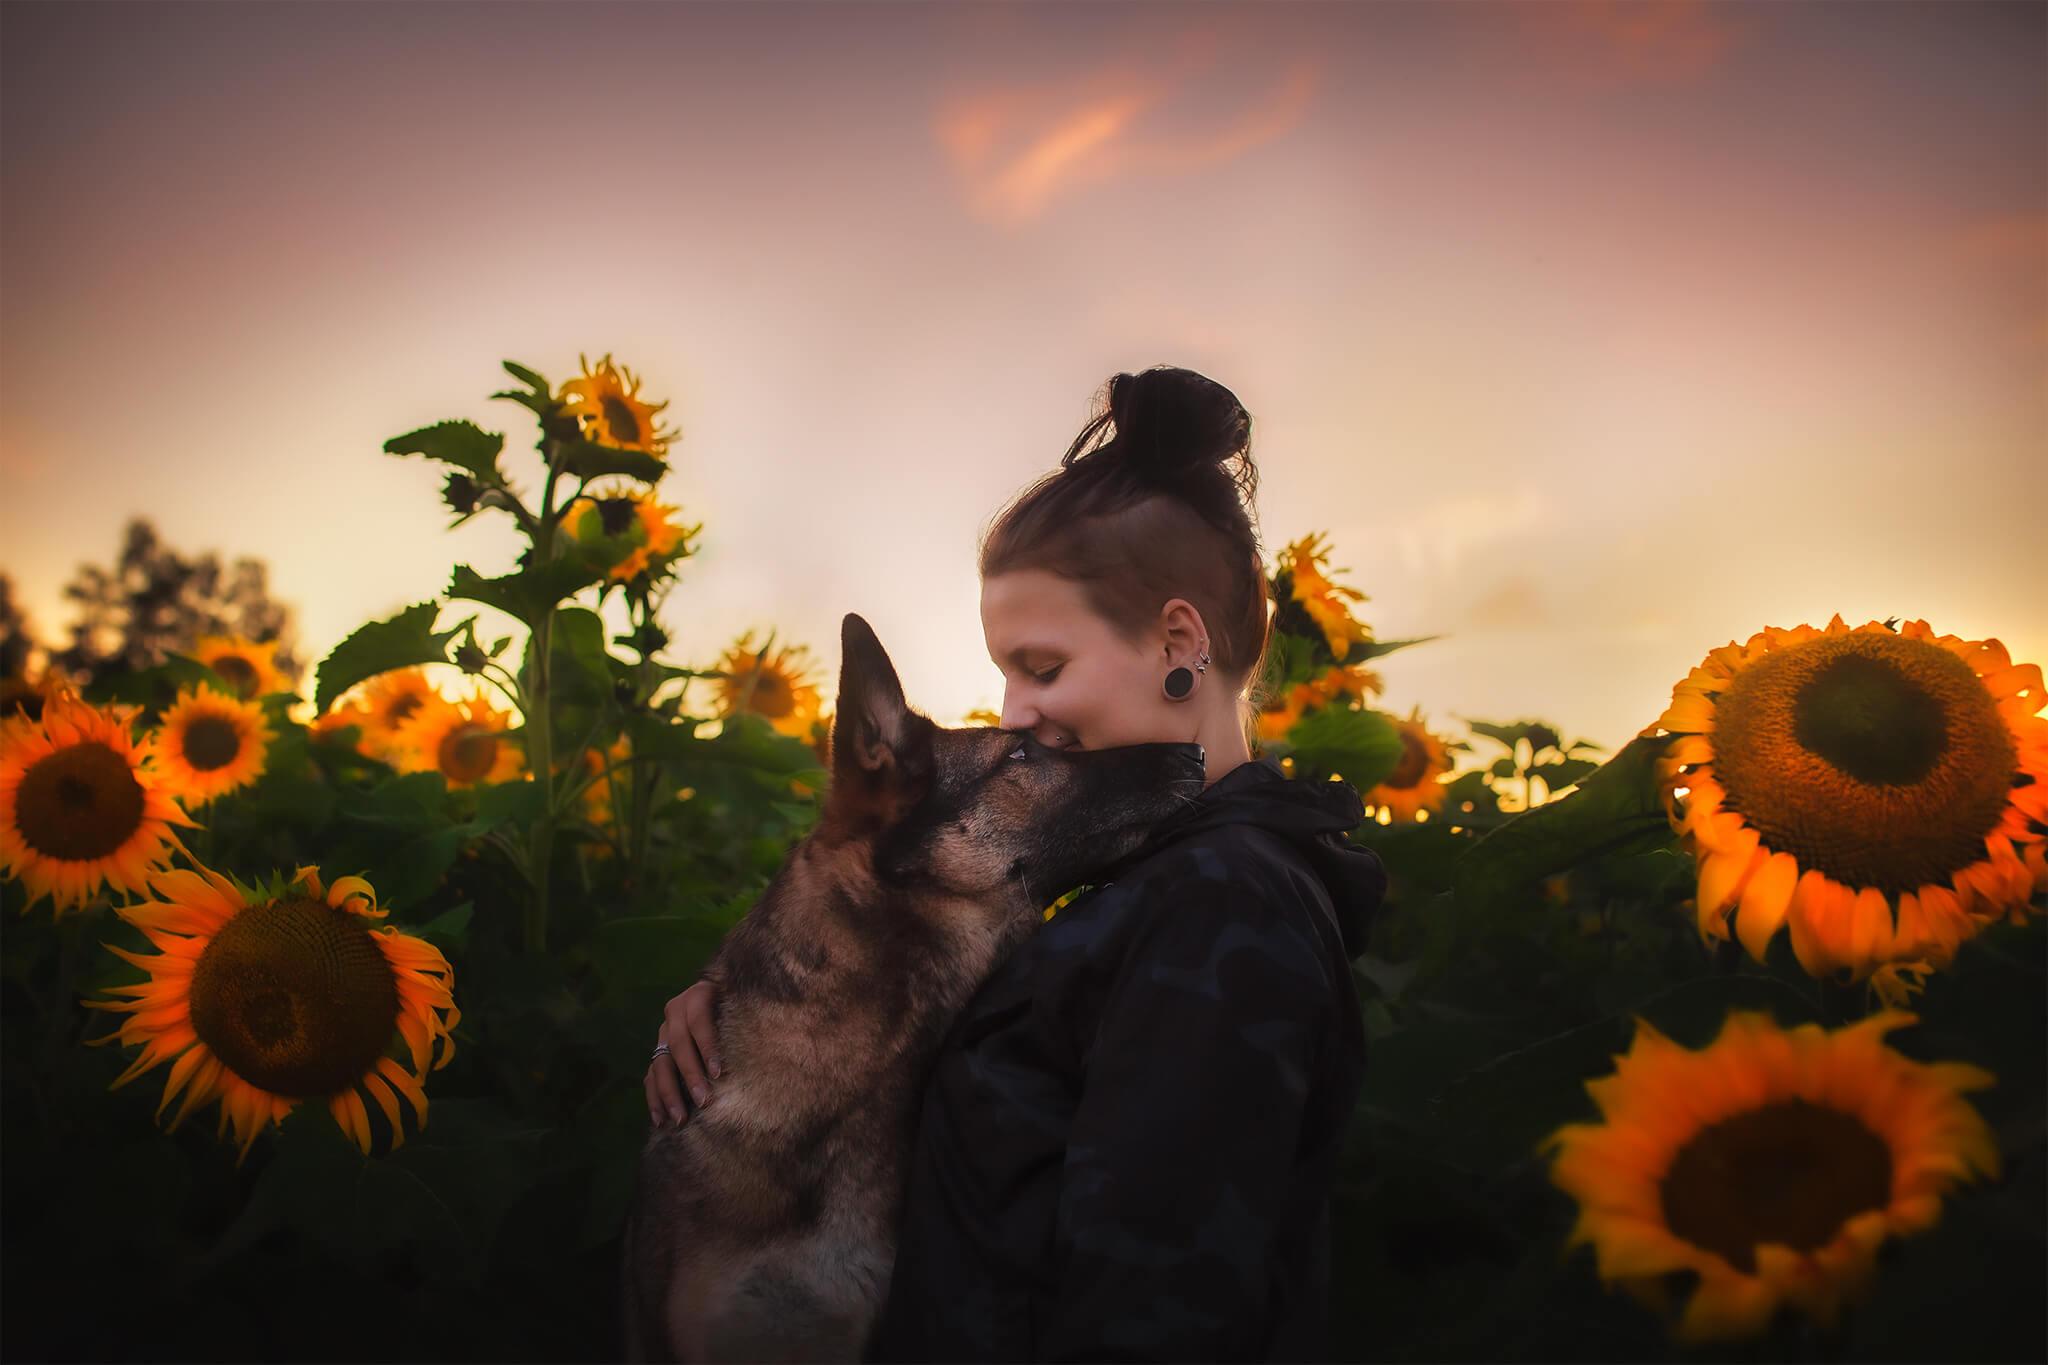 Saksanpaimenkoira ja ihminen auringonkukkien seassa.